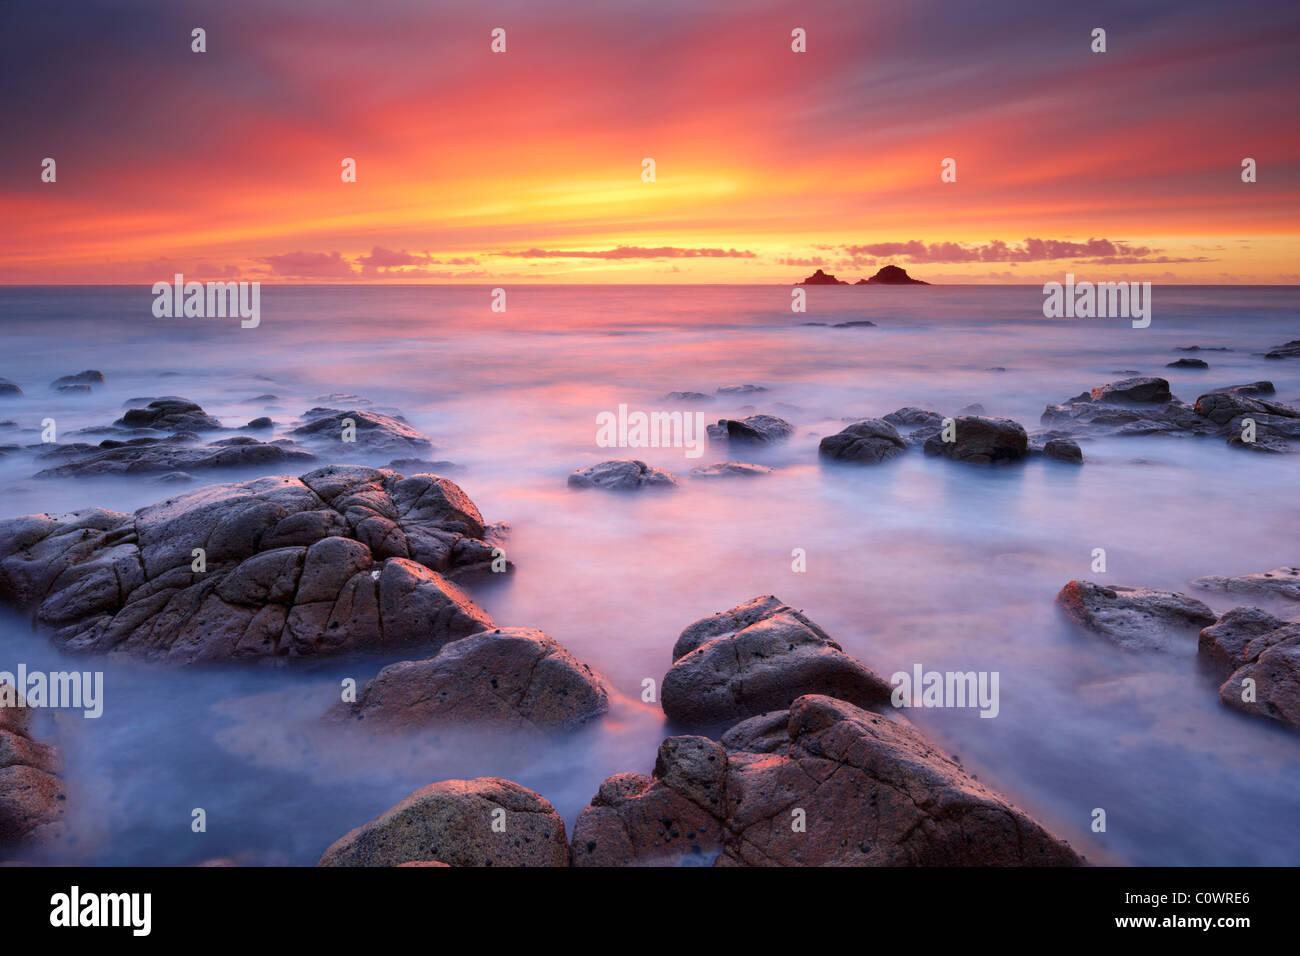 Un fantastico tramonto dipinge il cielo con colori gloriosi come lisce come la seta mare lambisce le rocce a Porth Immagini Stock